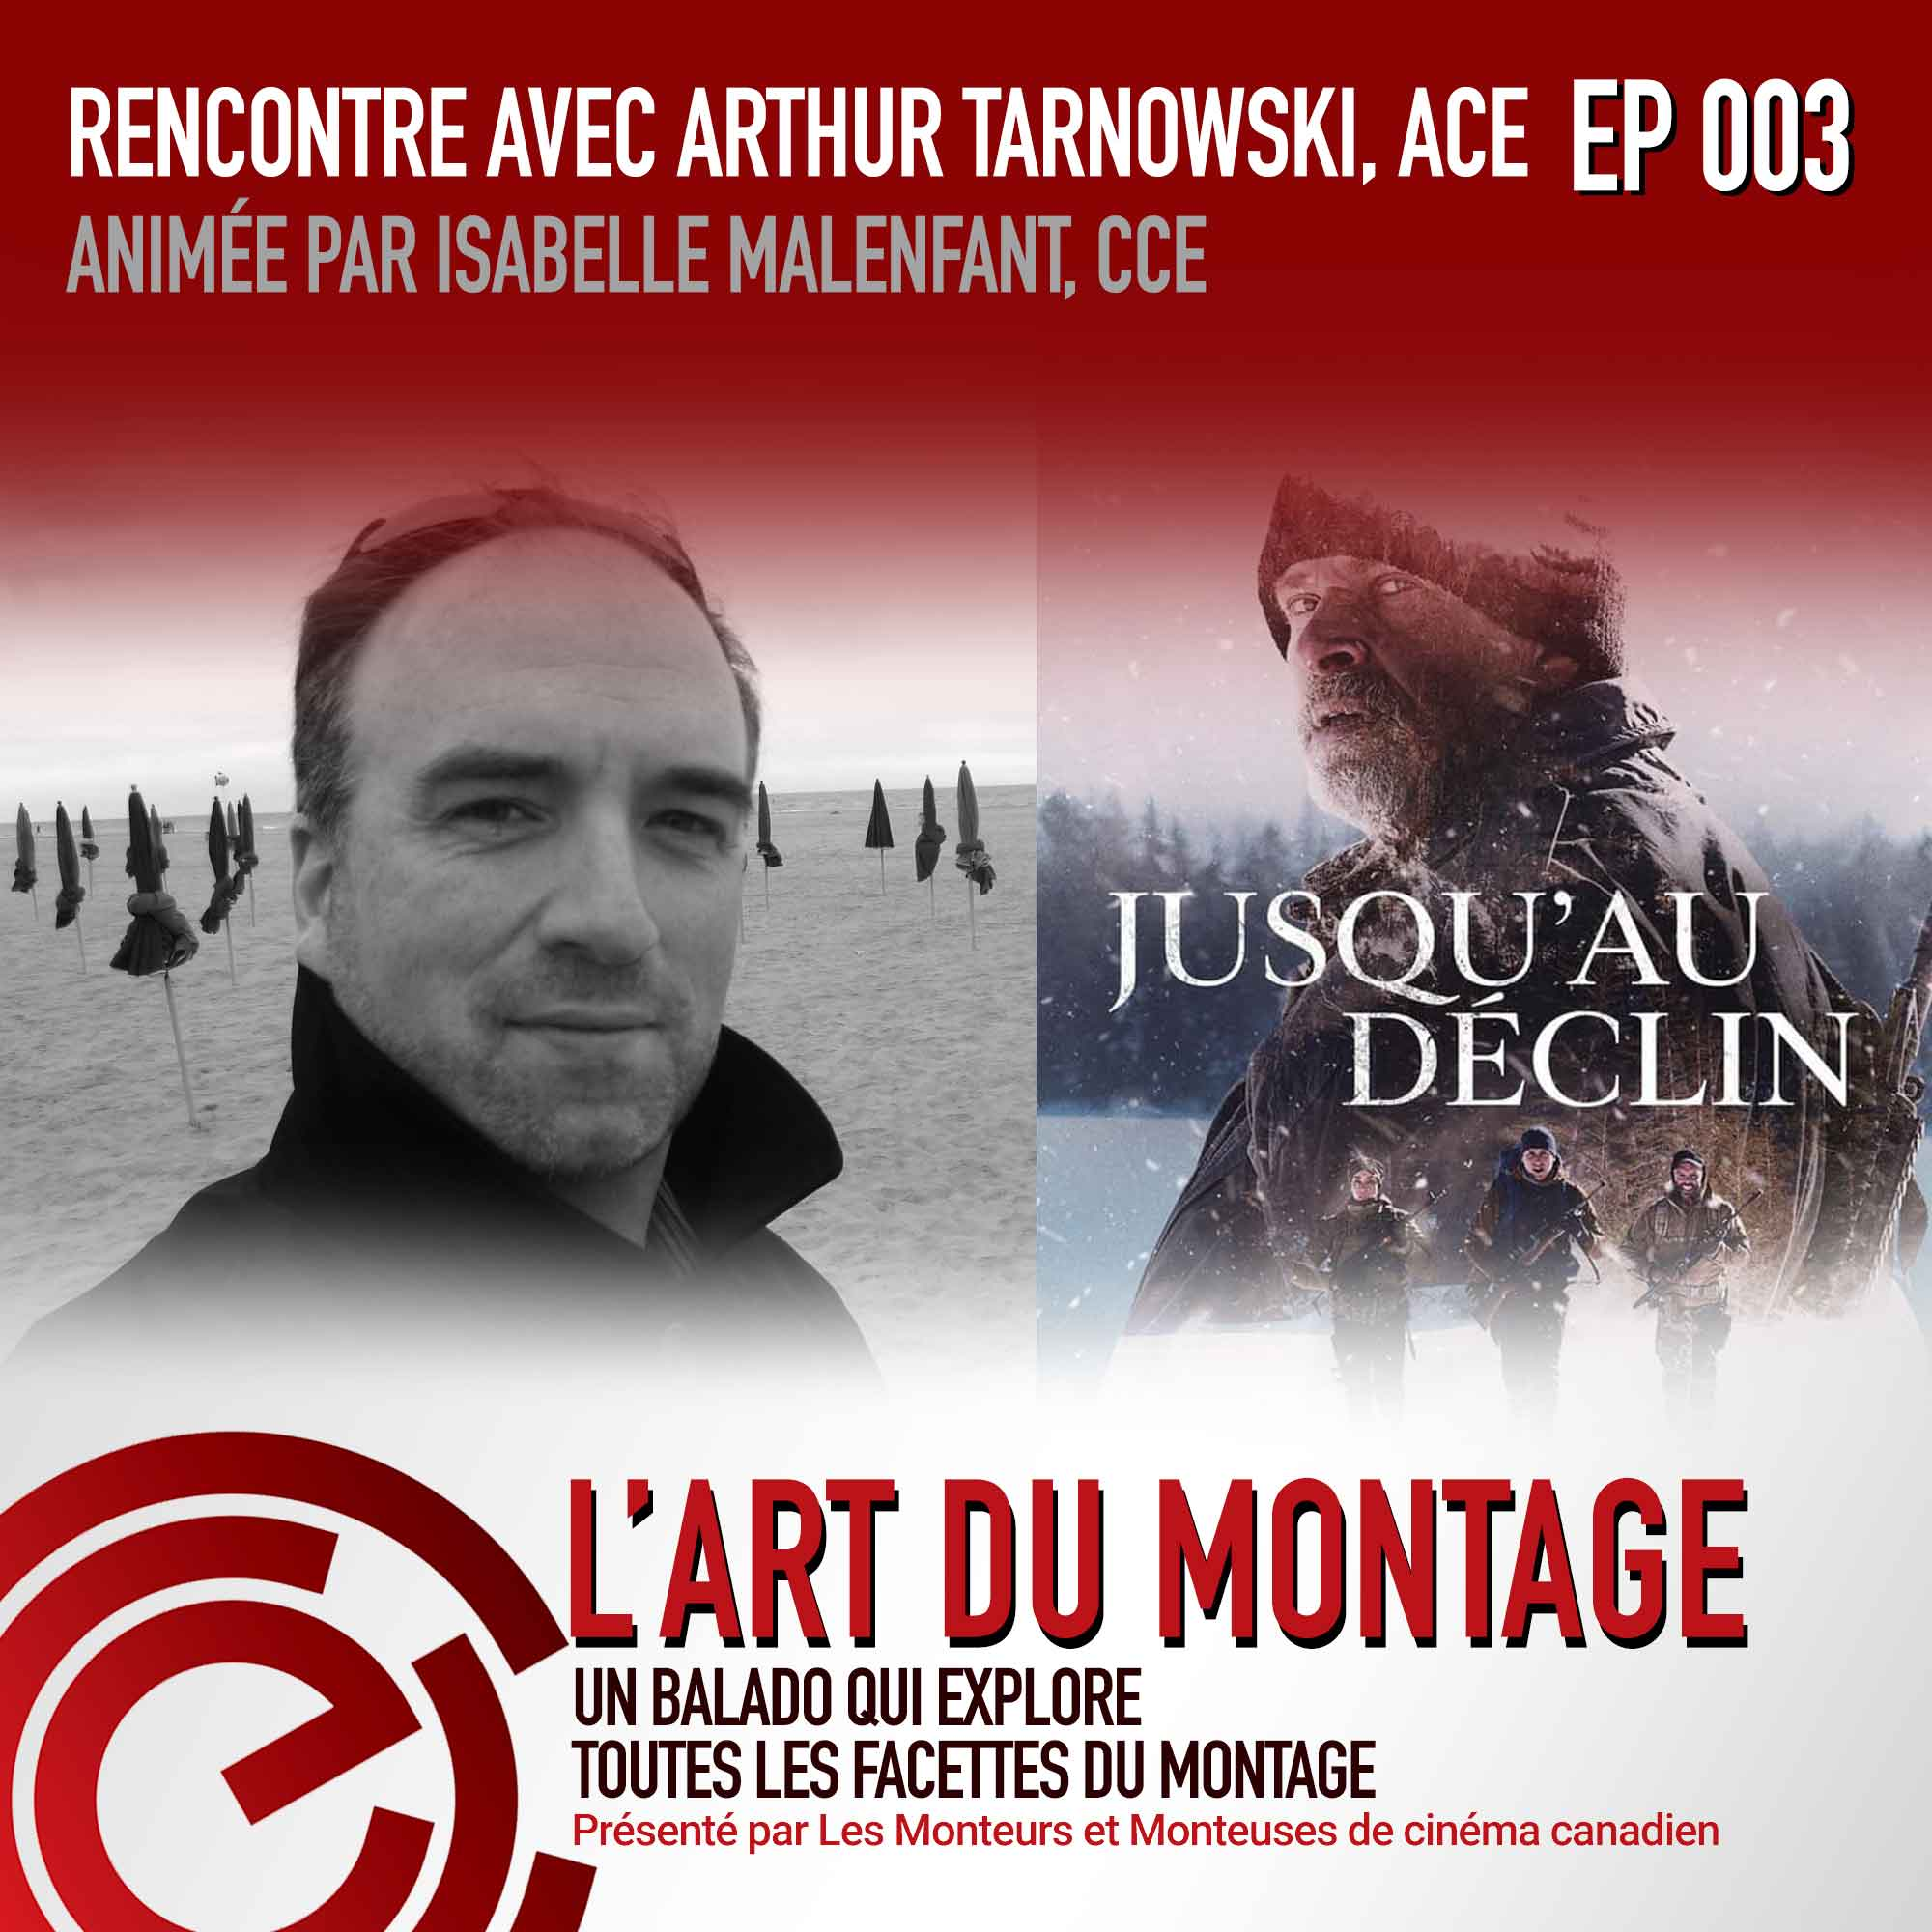 Épisode 003: L'art du Montage: Rencontre avec Arthur Tarnowski, ACE, animée par Isabelle Malenfant, CCE